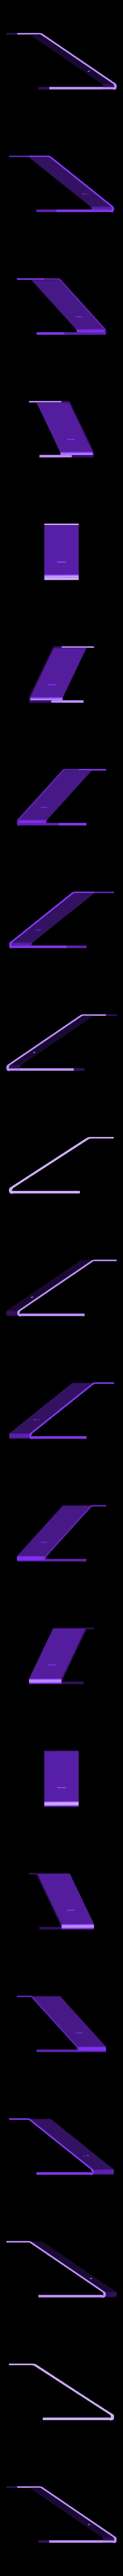 Assemblage1 - Visualizer-1.STL Download free STL file PRATI Visualizer • 3D printer design, Cereale-killer